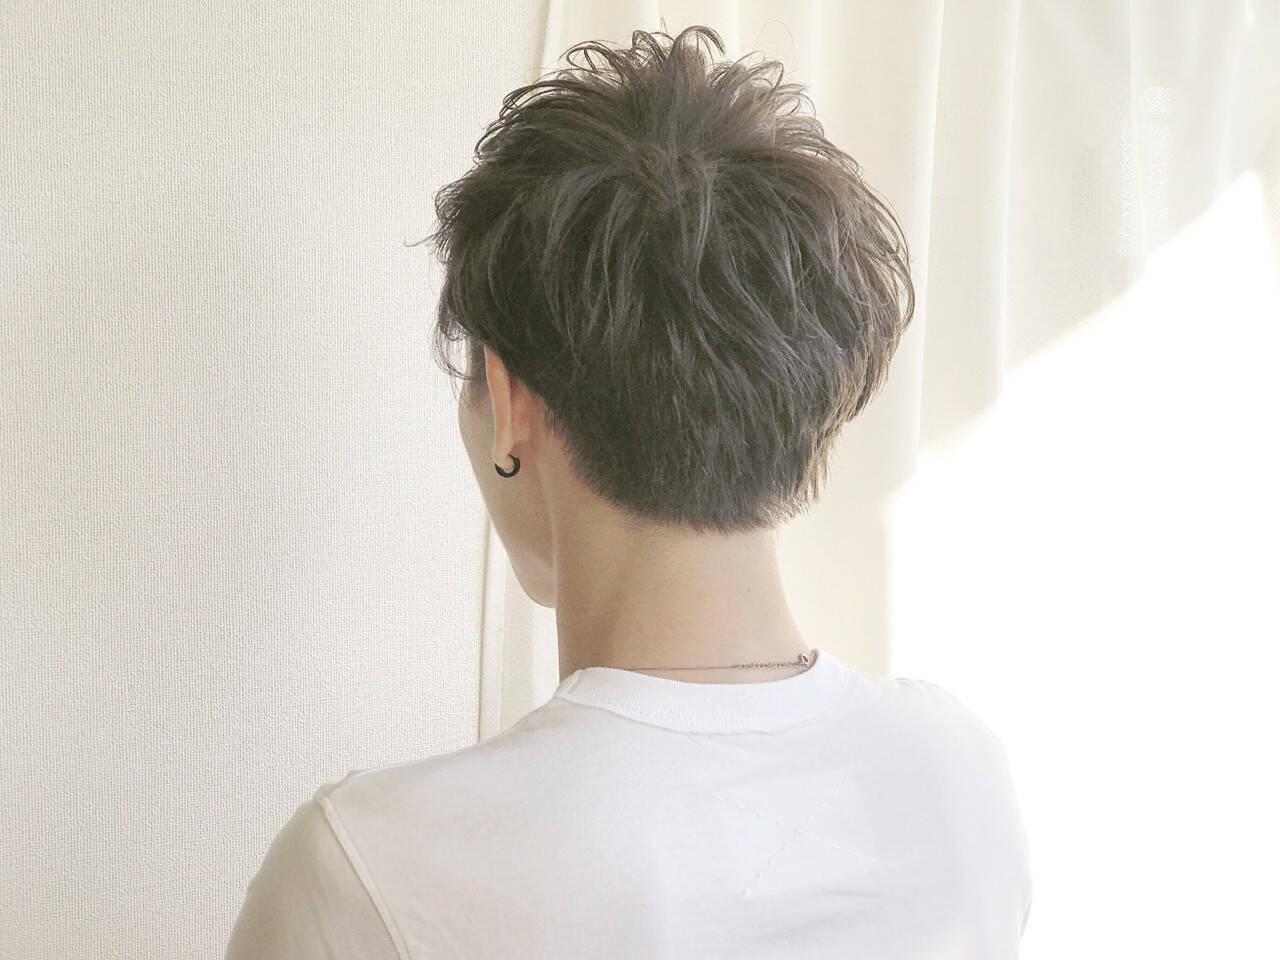 ボーイッシュ マッシュ 無造作 外国人風カラーヘアスタイルや髪型の写真・画像